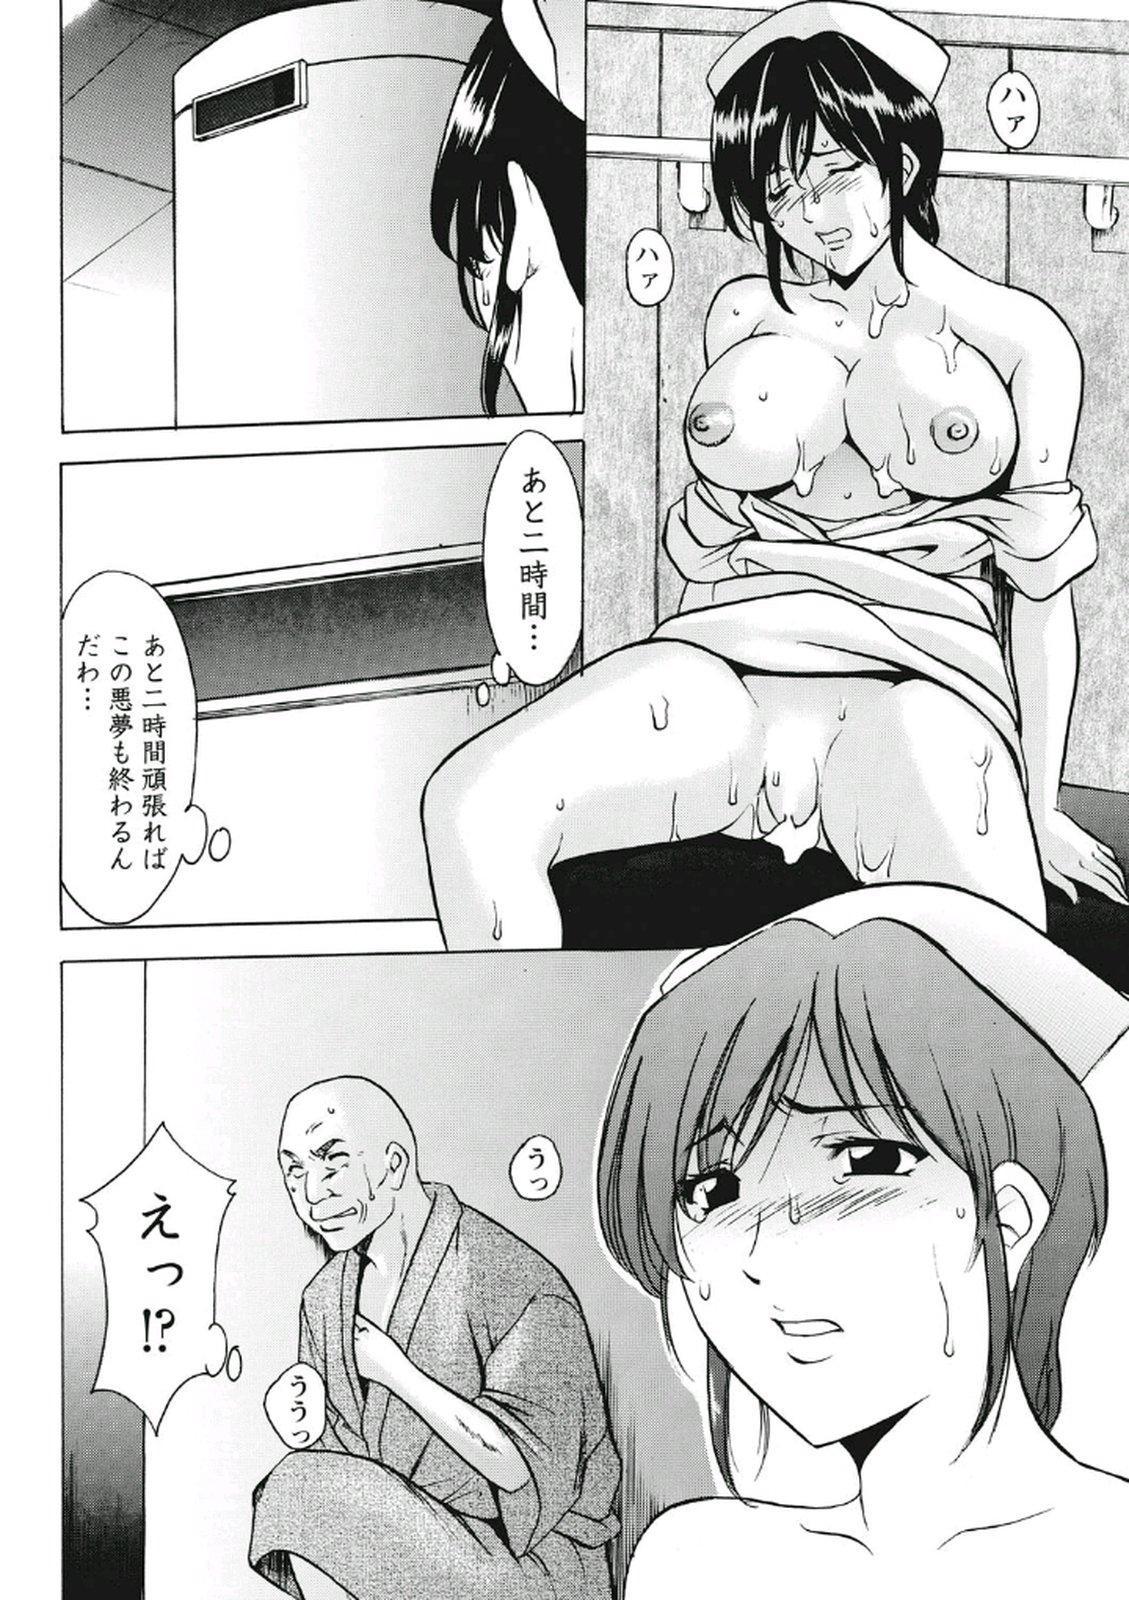 Chijoku Byoutou 125